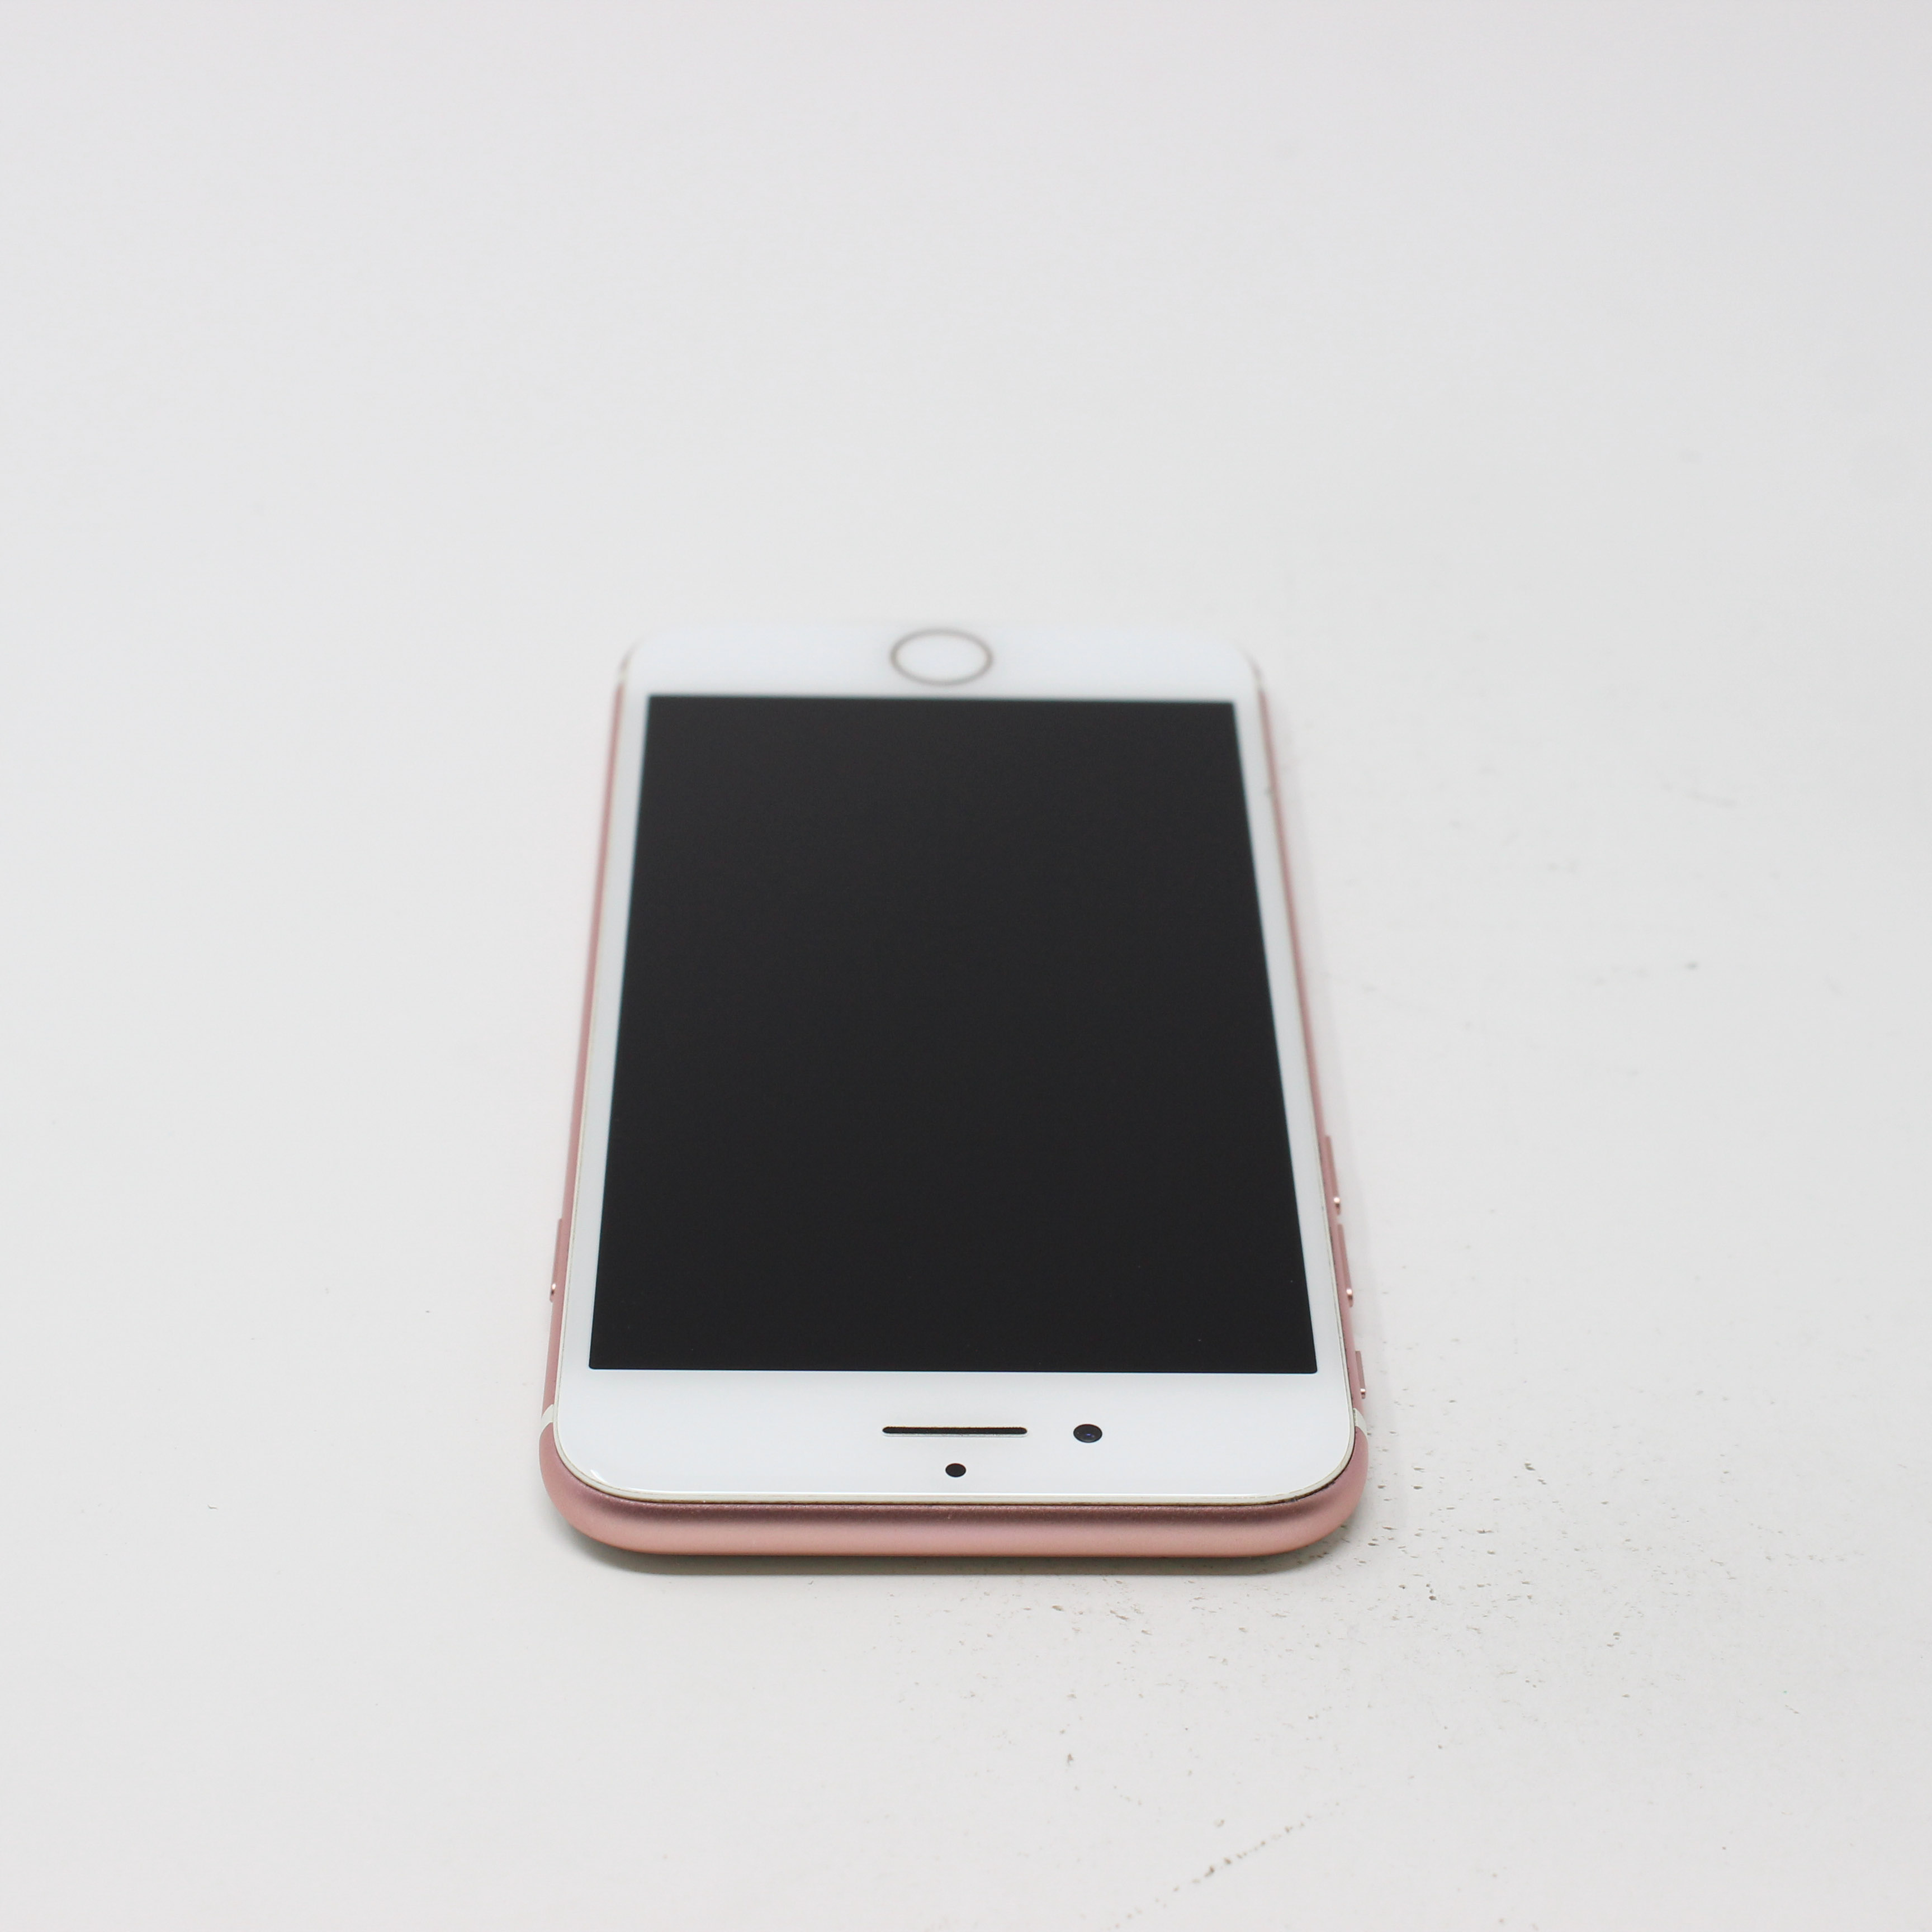 iPhone 7 128GB Rose Gold - AT&T photo 4 | UpTradeit.com